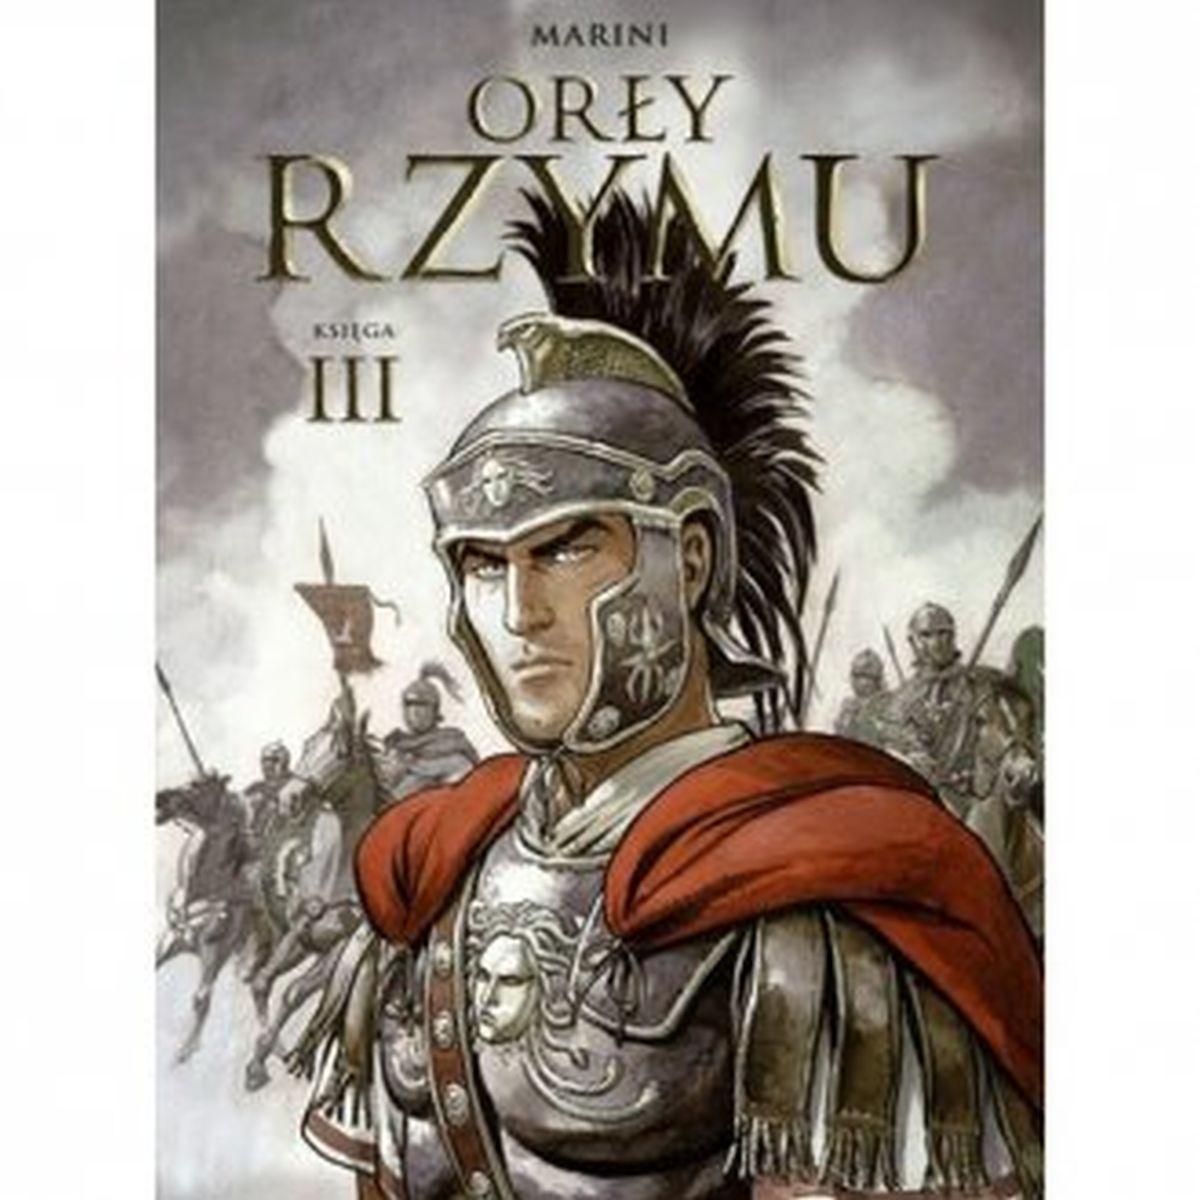 orly-rzymu-ksiega-iii